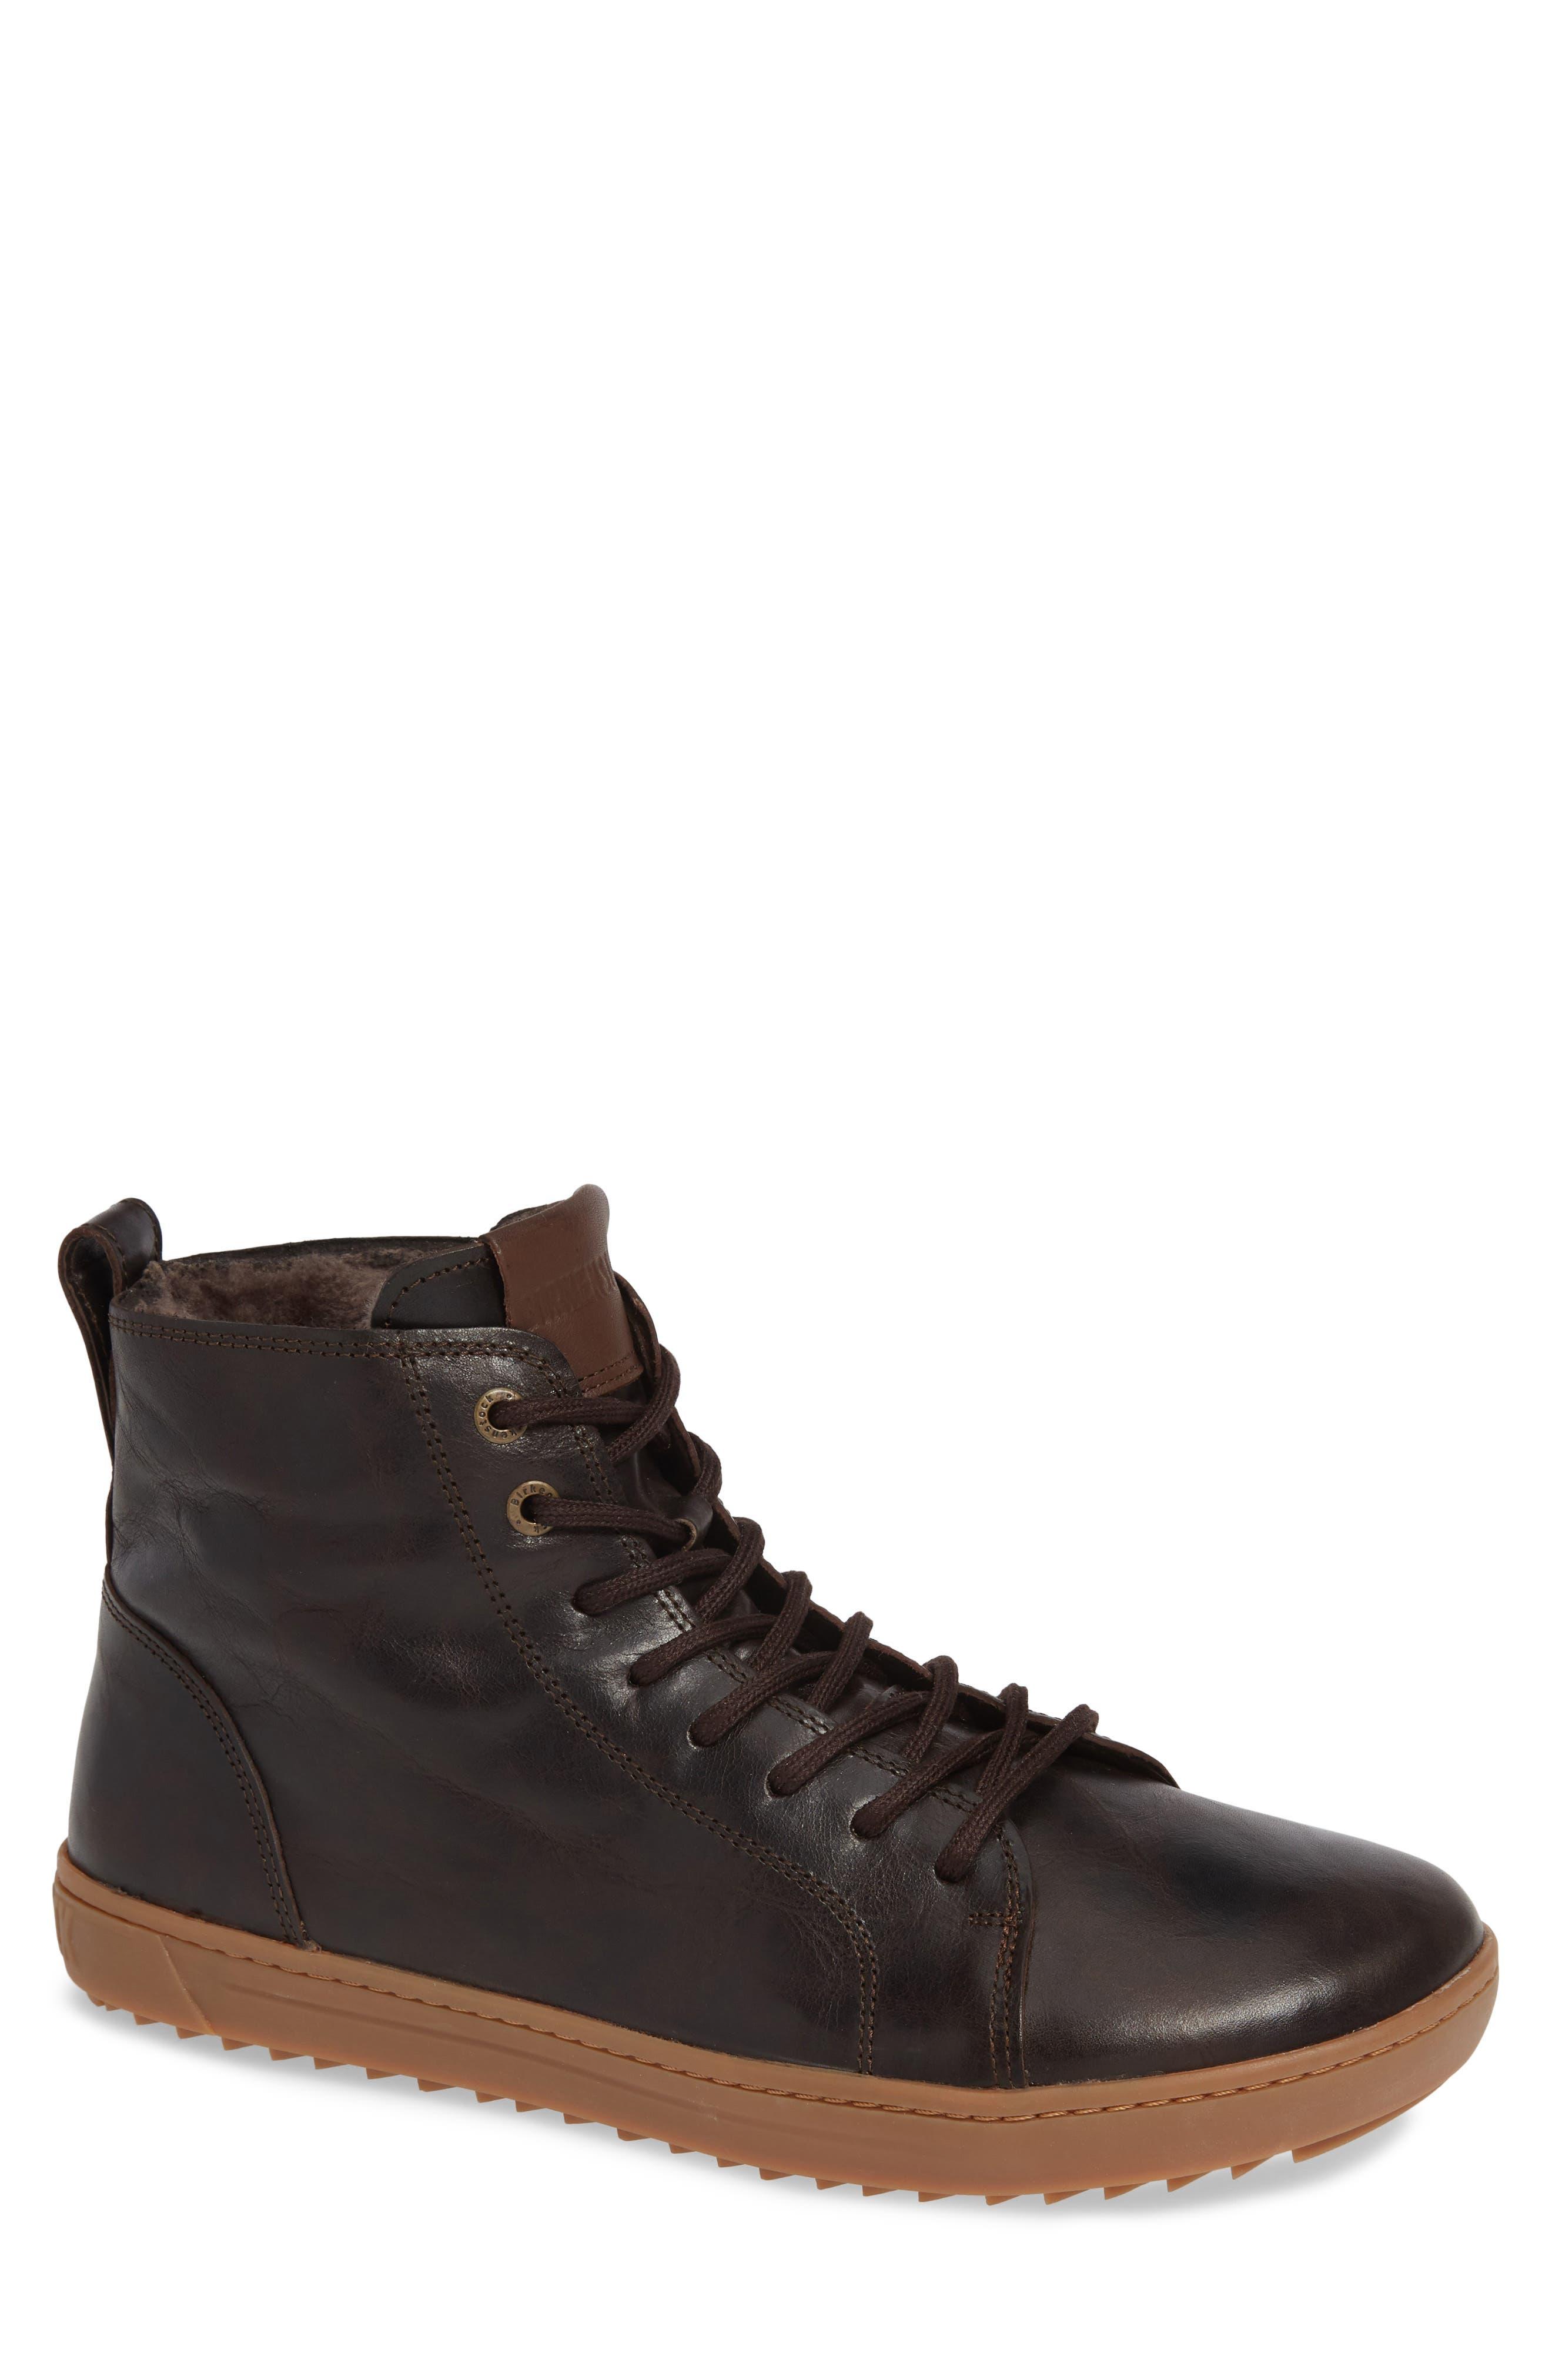 Barlett Genuine Shearling Sneaker,                             Main thumbnail 1, color,                             BROWN